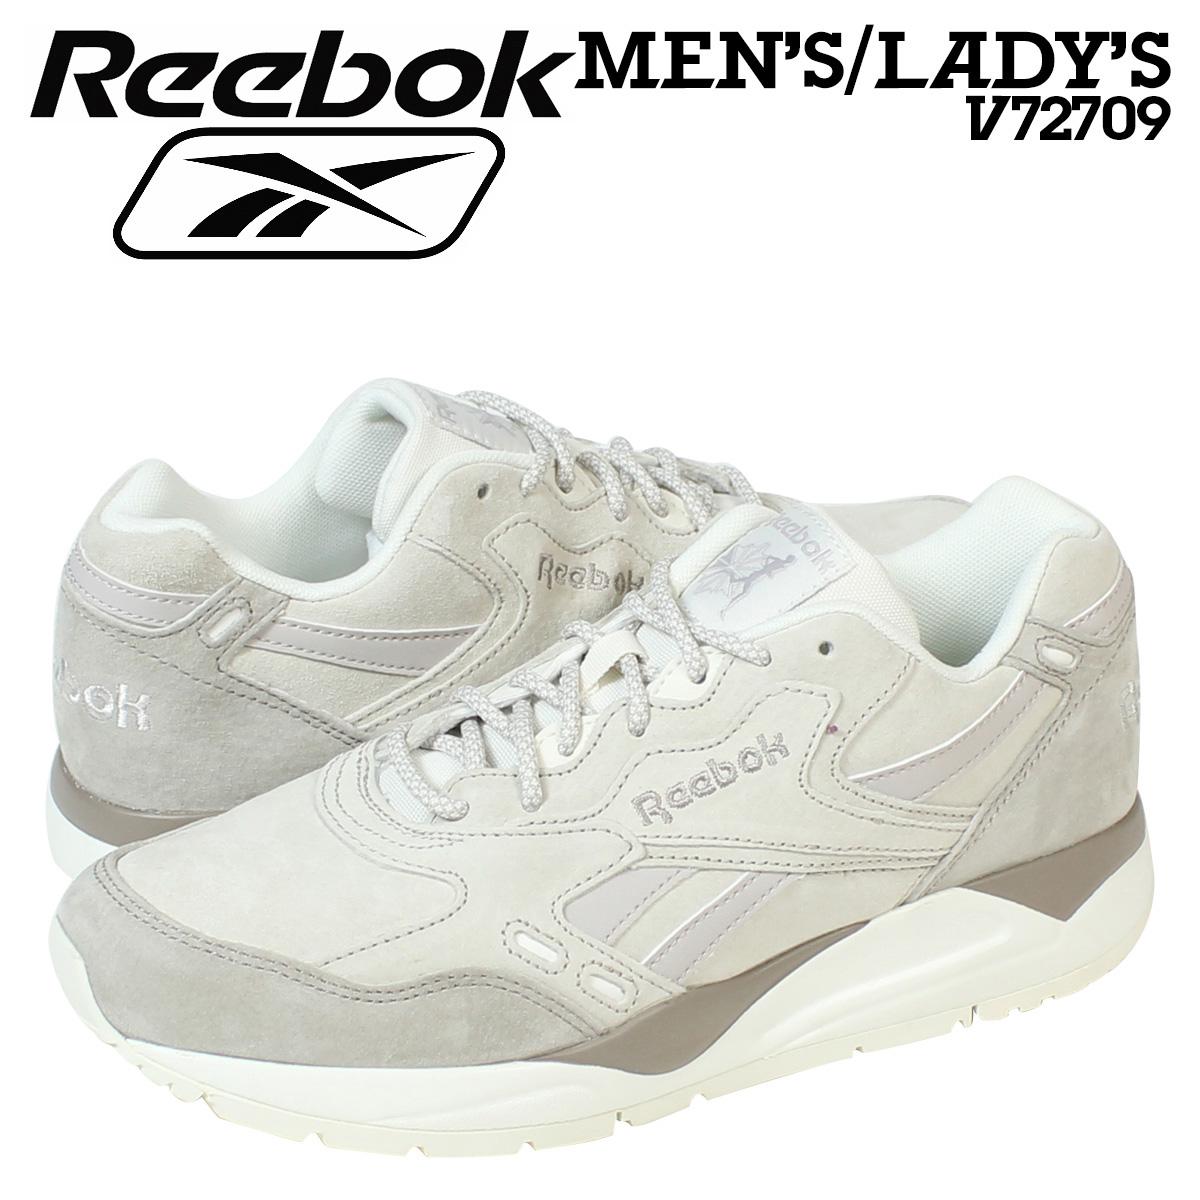 0cf7a5dc124 Sugar Online Shop  Reebok Reebok Bolton sneakers BOLTON CP V72709 ...